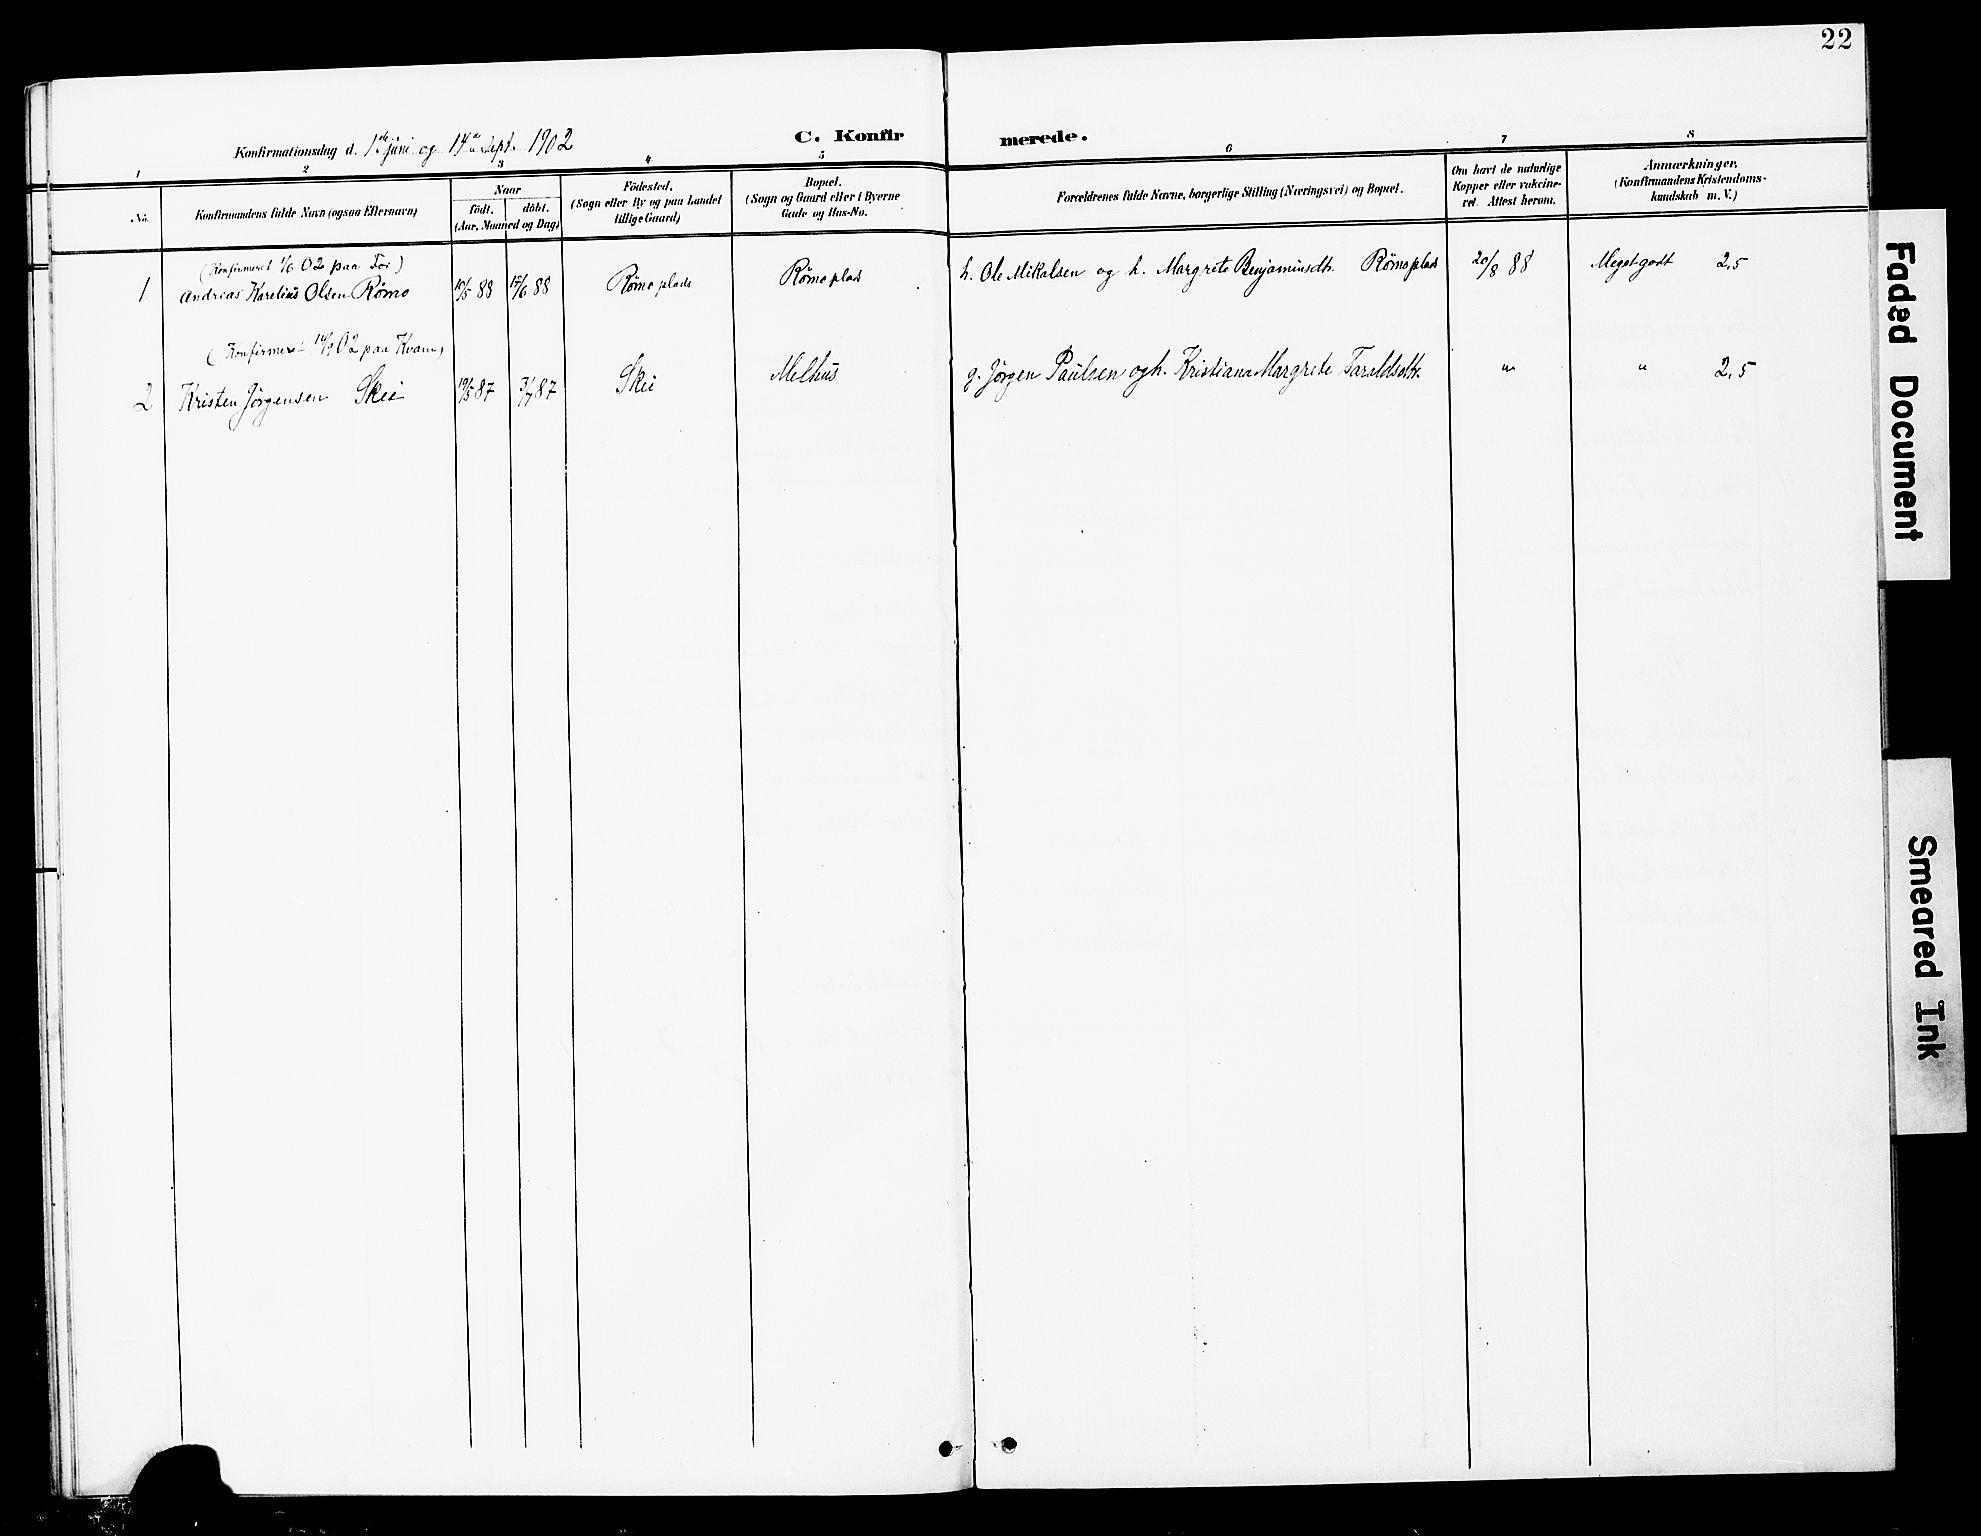 SAT, Ministerialprotokoller, klokkerbøker og fødselsregistre - Nord-Trøndelag, 748/L0464: Ministerialbok nr. 748A01, 1900-1908, s. 22